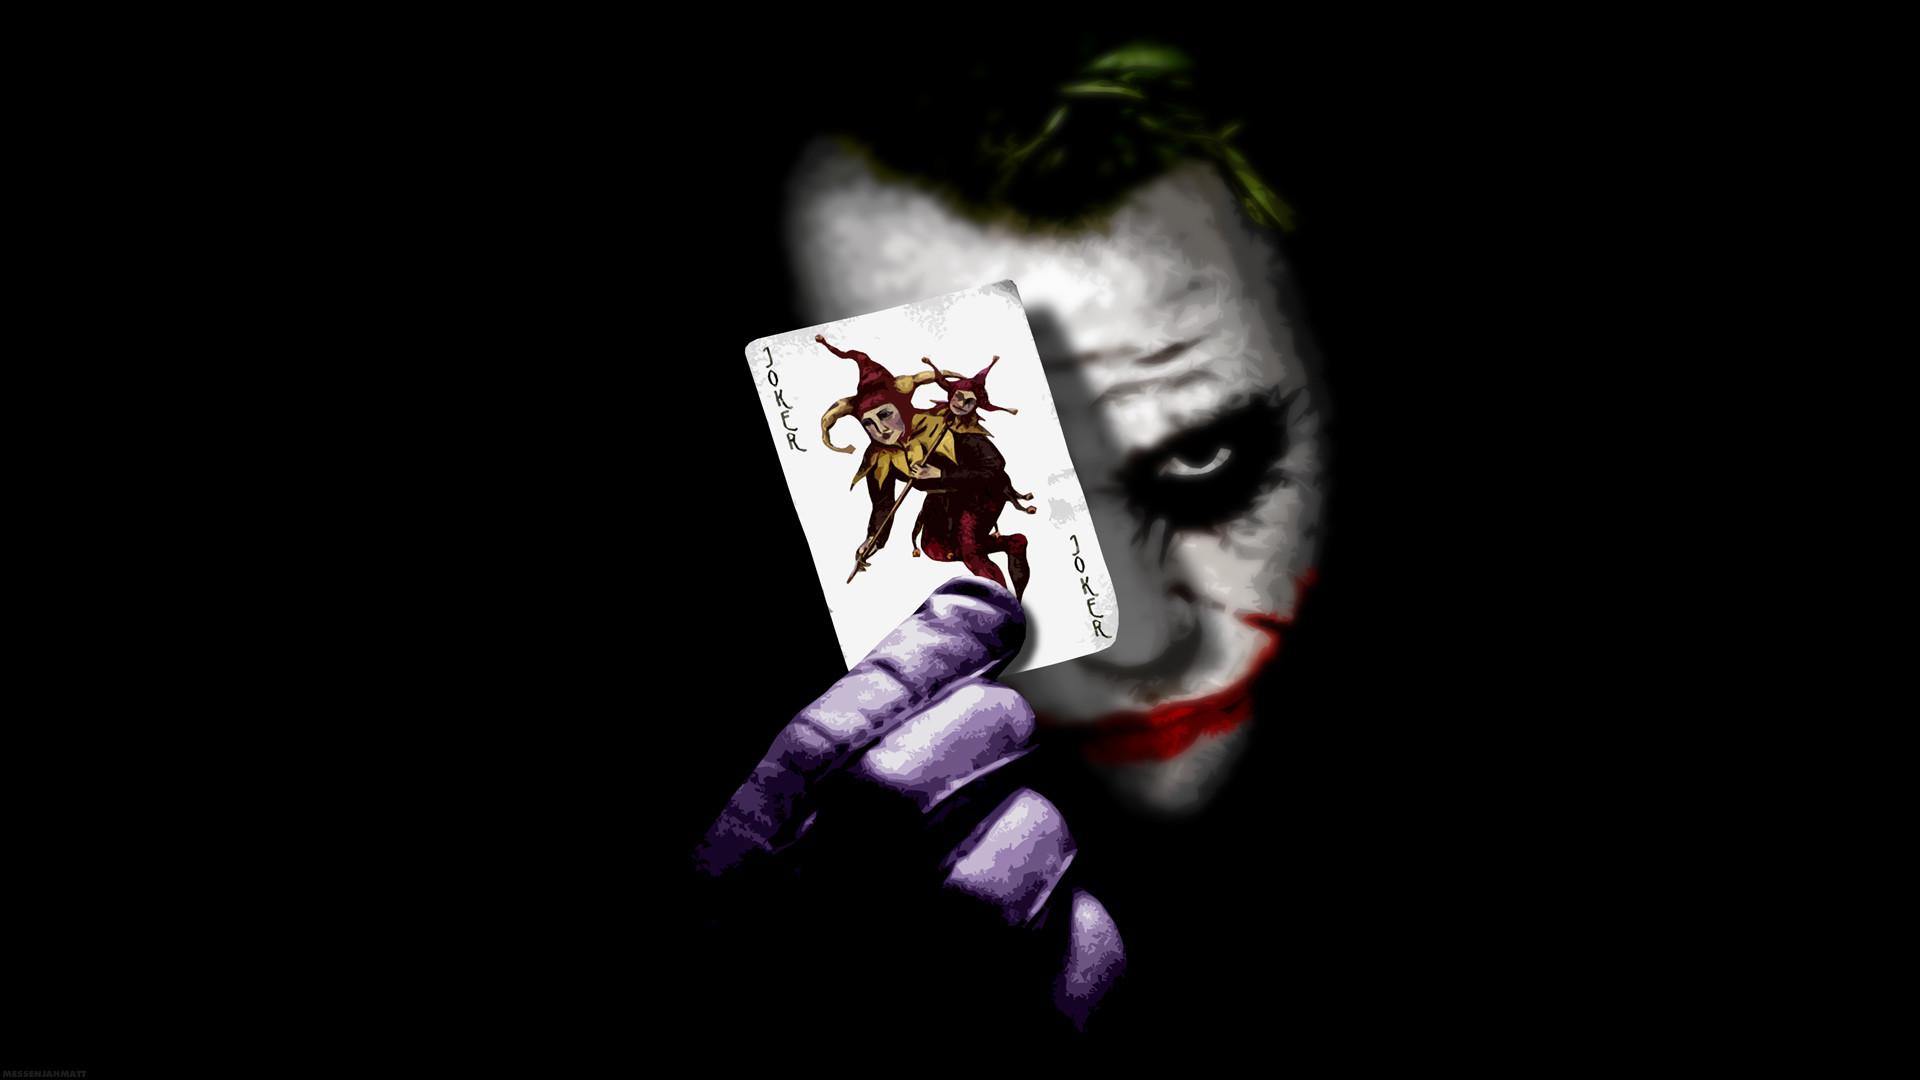 Widescreen Wallpapers of Joker, Nice Picture